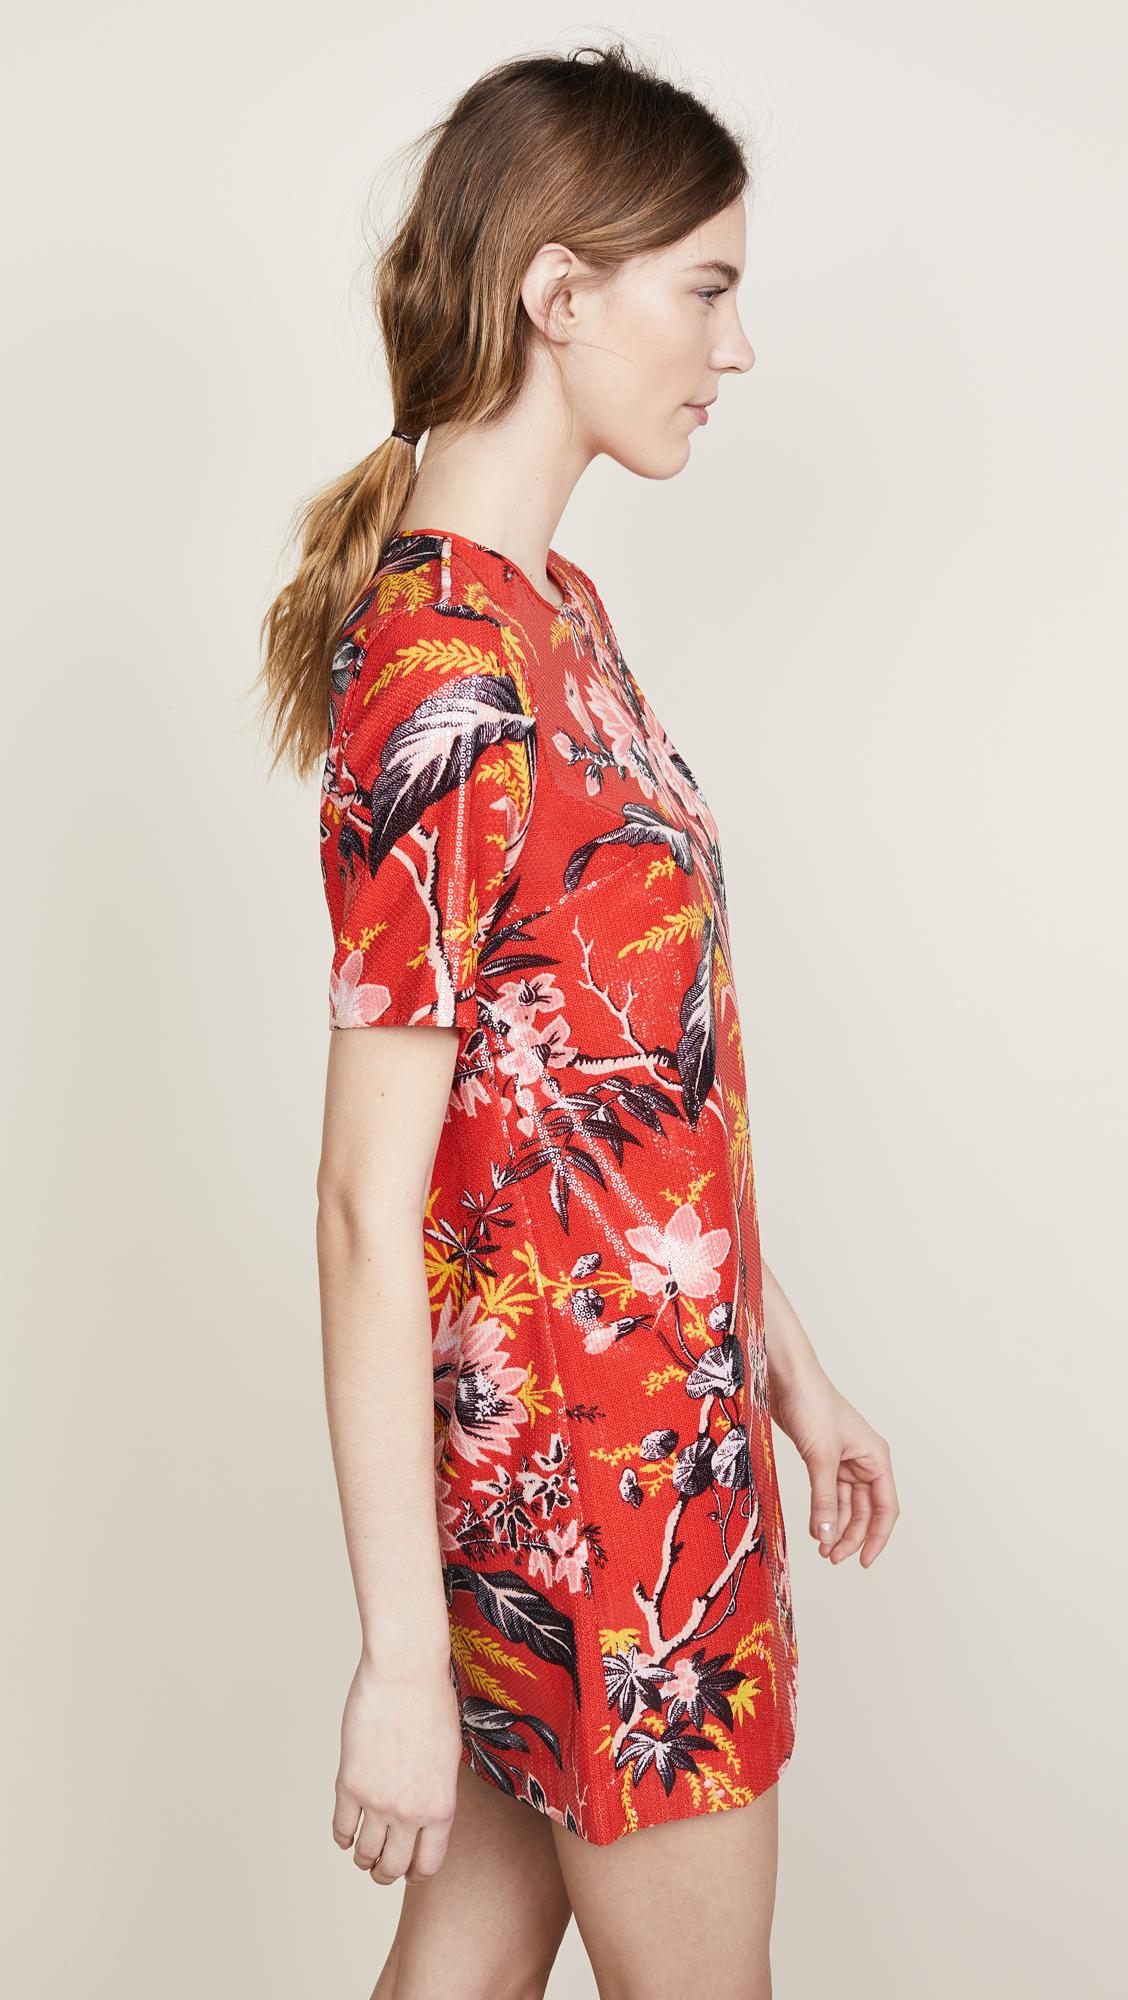 8b46cc808e5 Diane von Furstenberg Sequin Fluid Dress